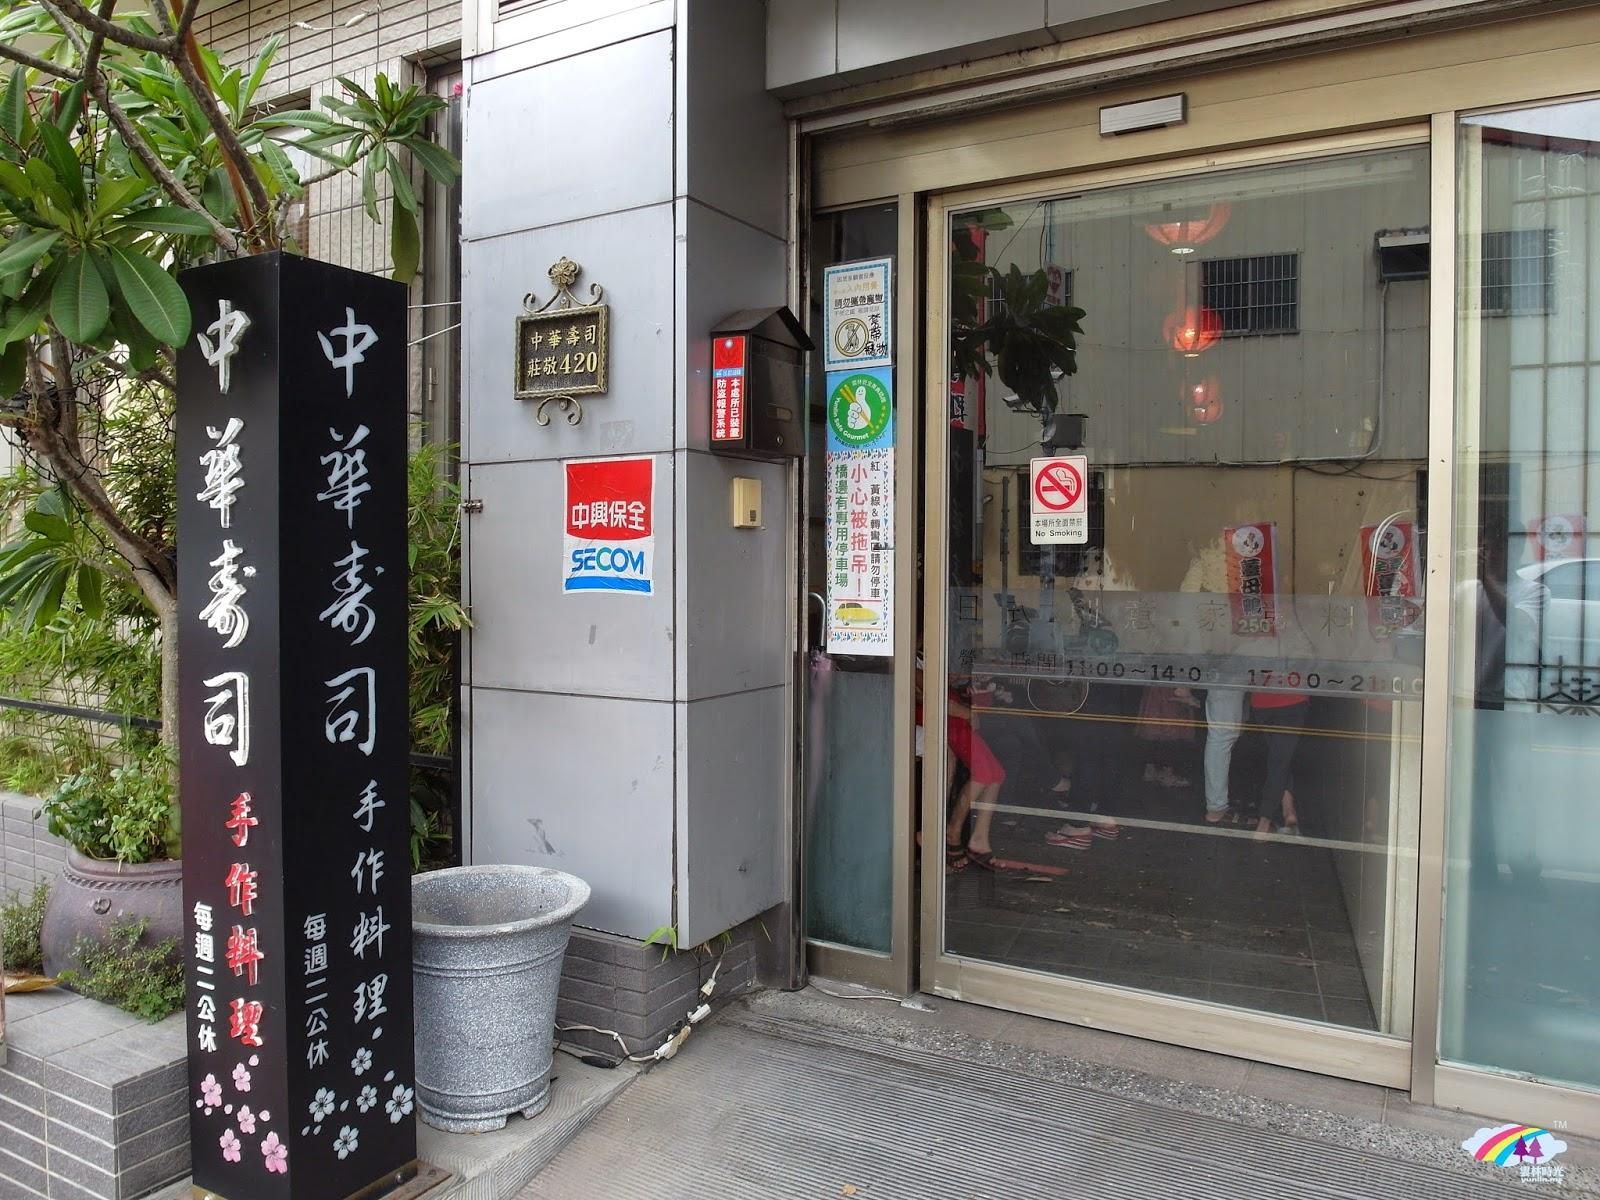 斗六- 中華壽司 人氣日式料理 適合親朋好友聚餐好去處